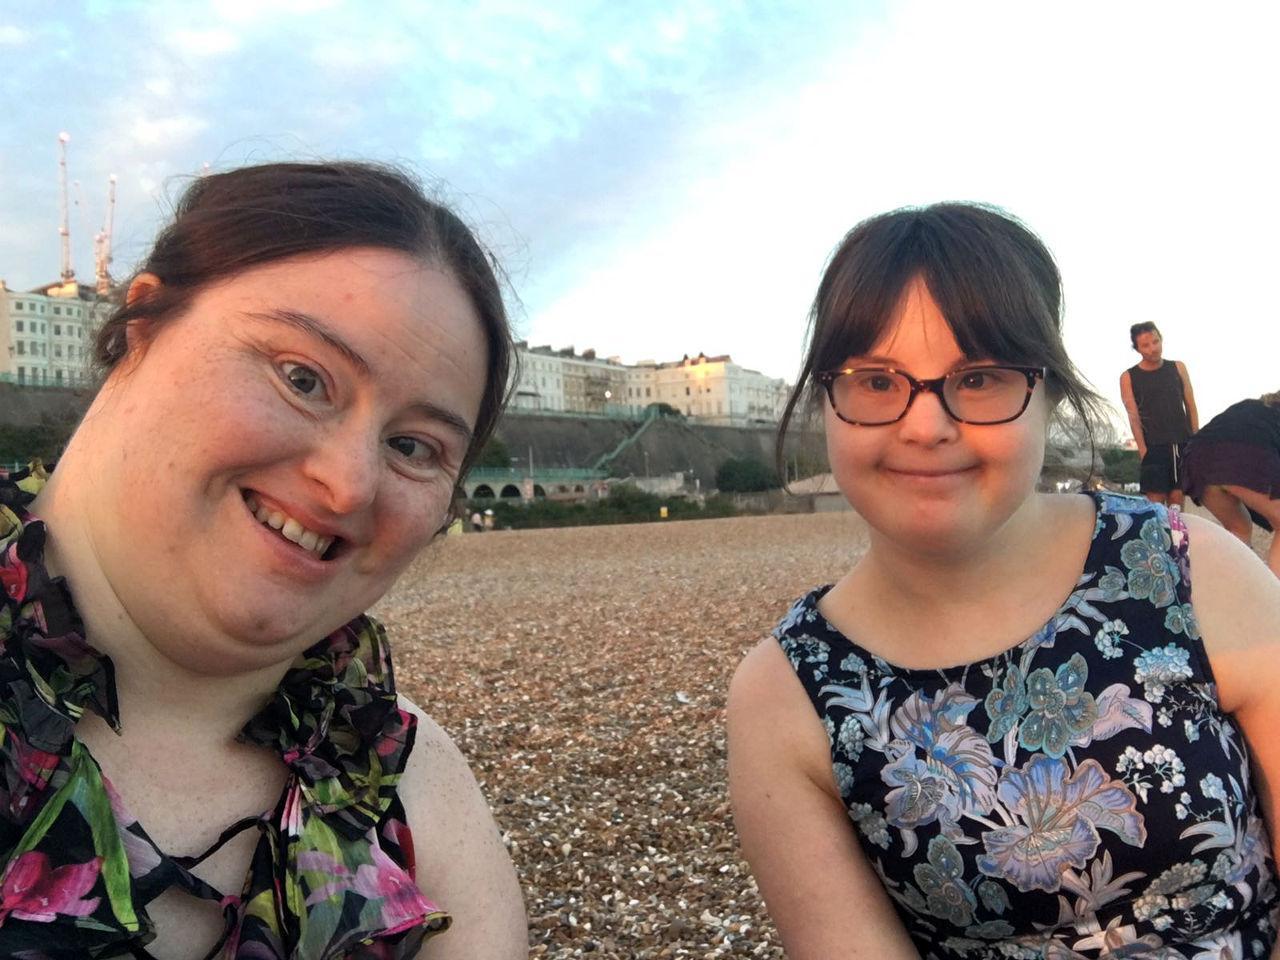 Hilly & Megan selfie